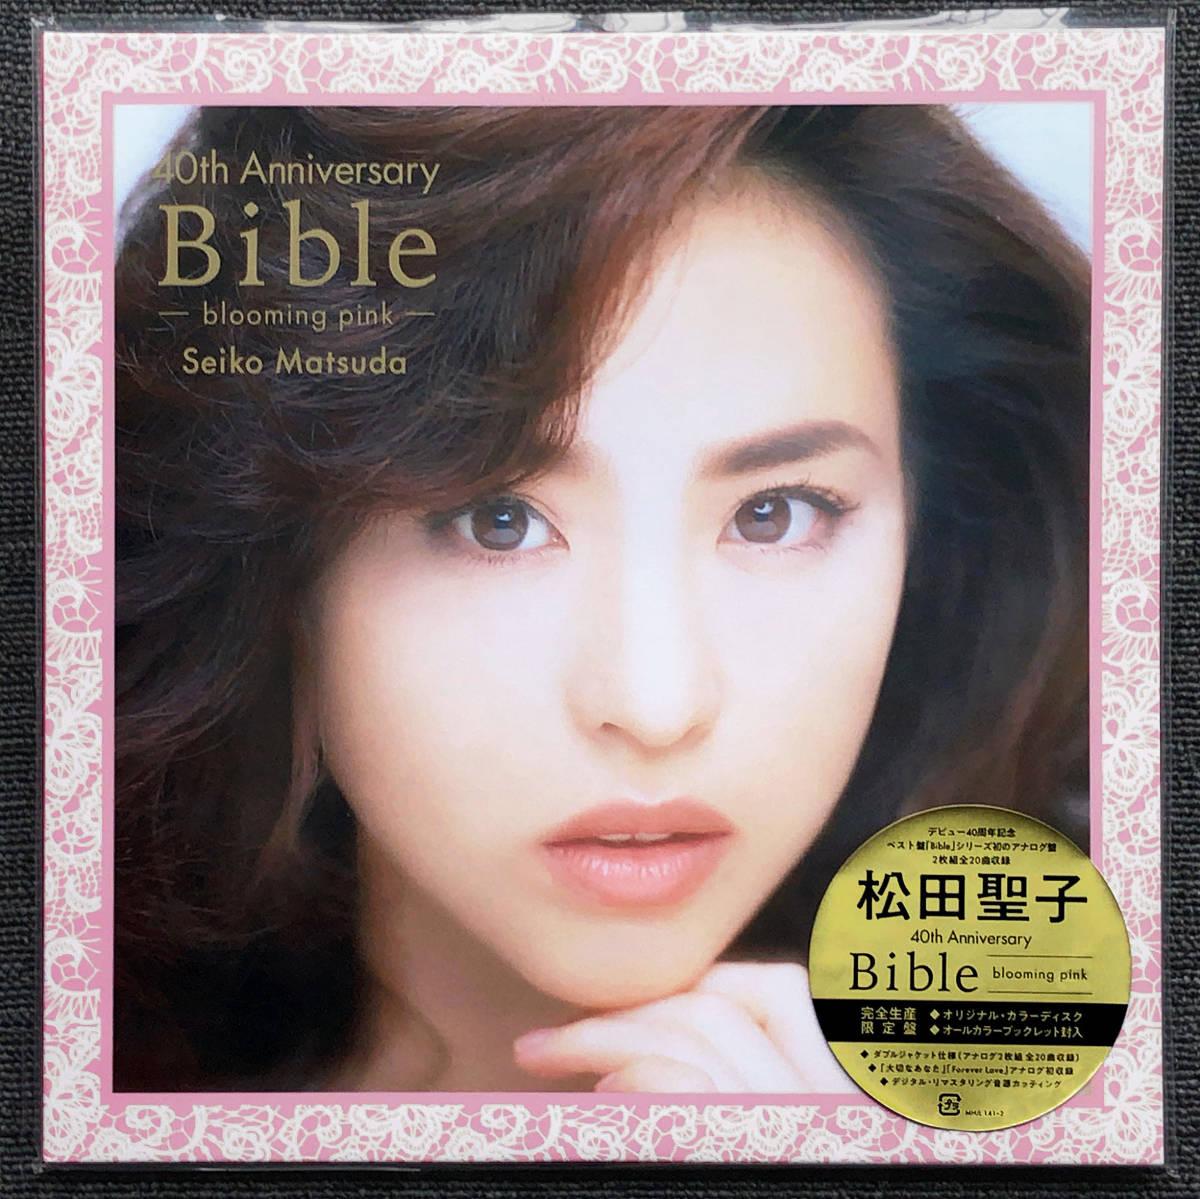 ◆新品未開封◆アナログ◆完全生産限定盤◆2枚組◆Seiko Matsuda 40th Anniversary Bible-blooming pink-◆松田聖子◆バイブル ベスト BEST_画像1